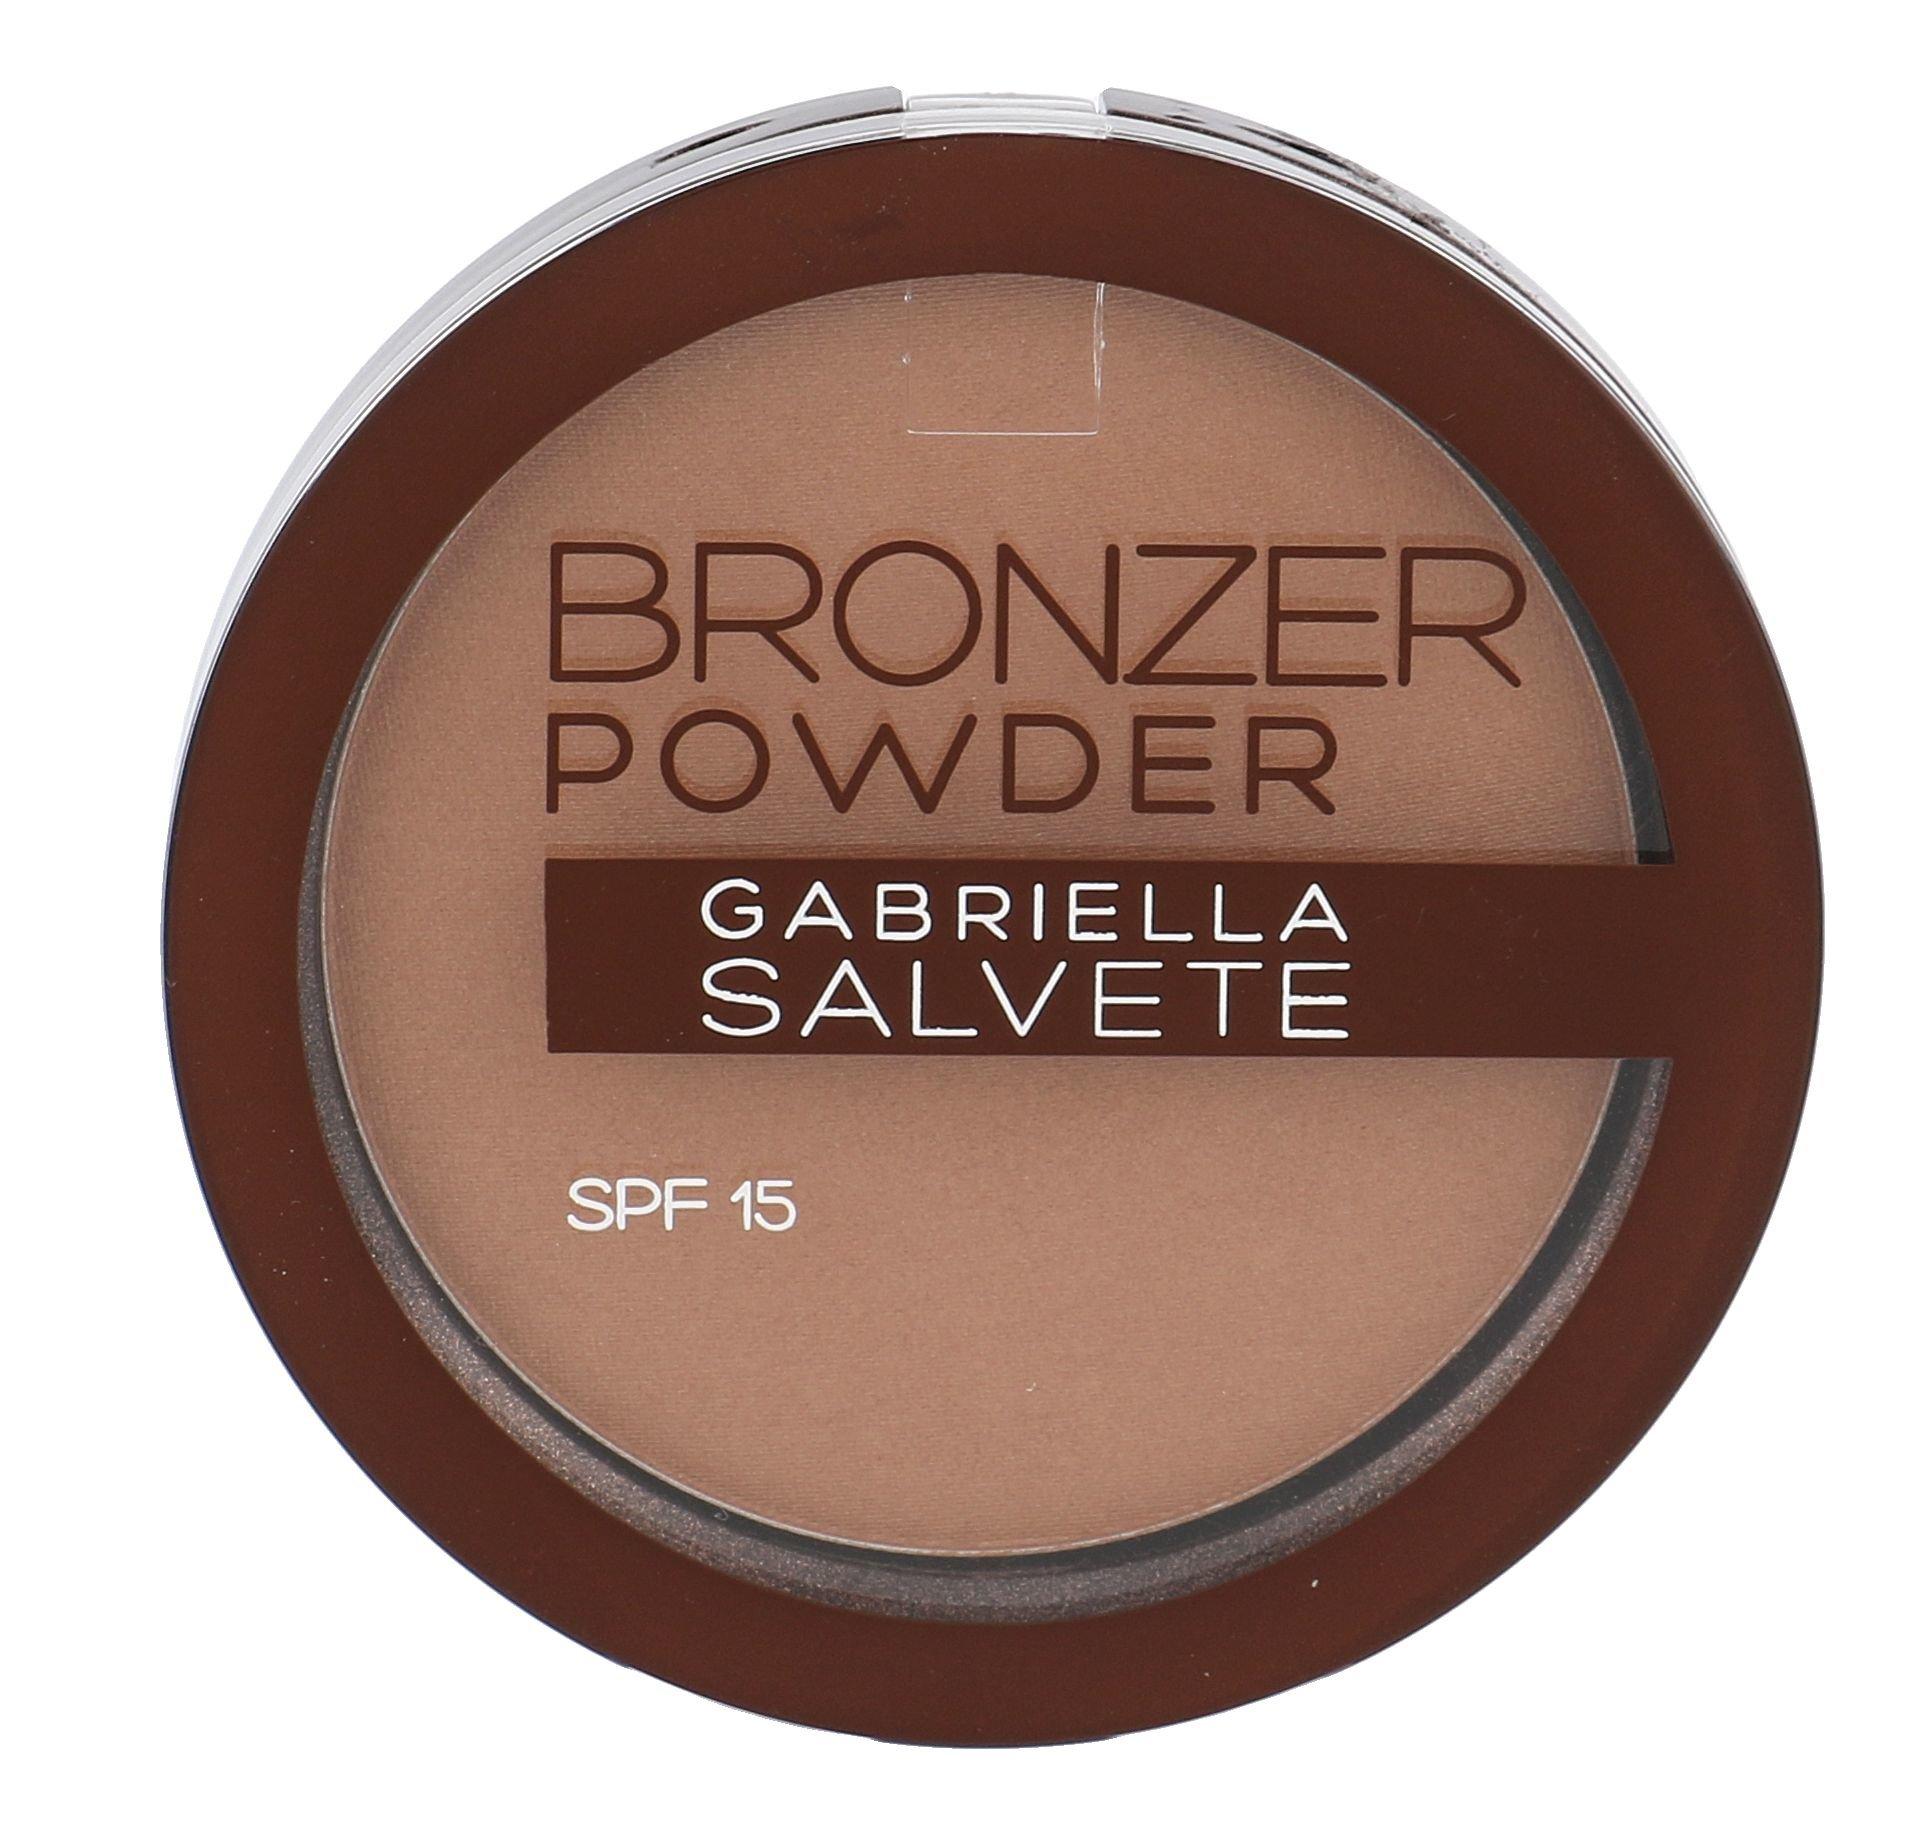 Gabriella Salvete Bronzer Powder SPF15 Cosmetic 8g 02